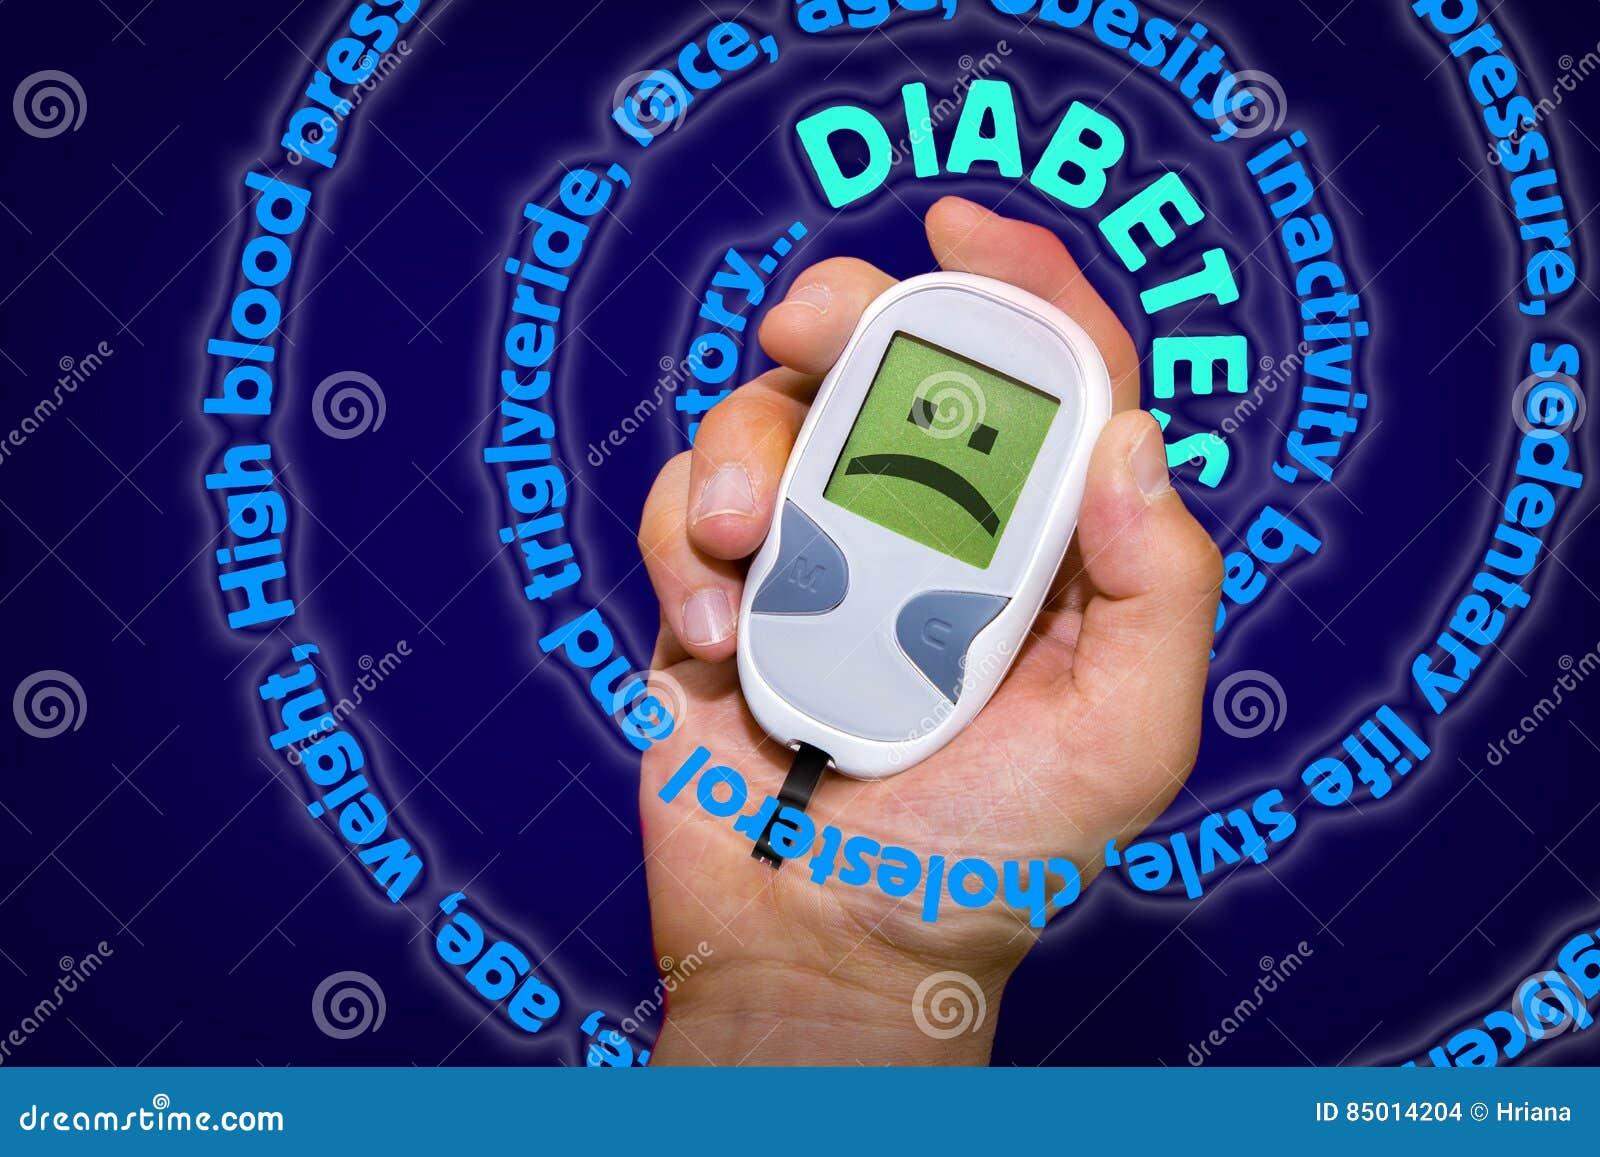 pérdida de peso excesiva en diabetes